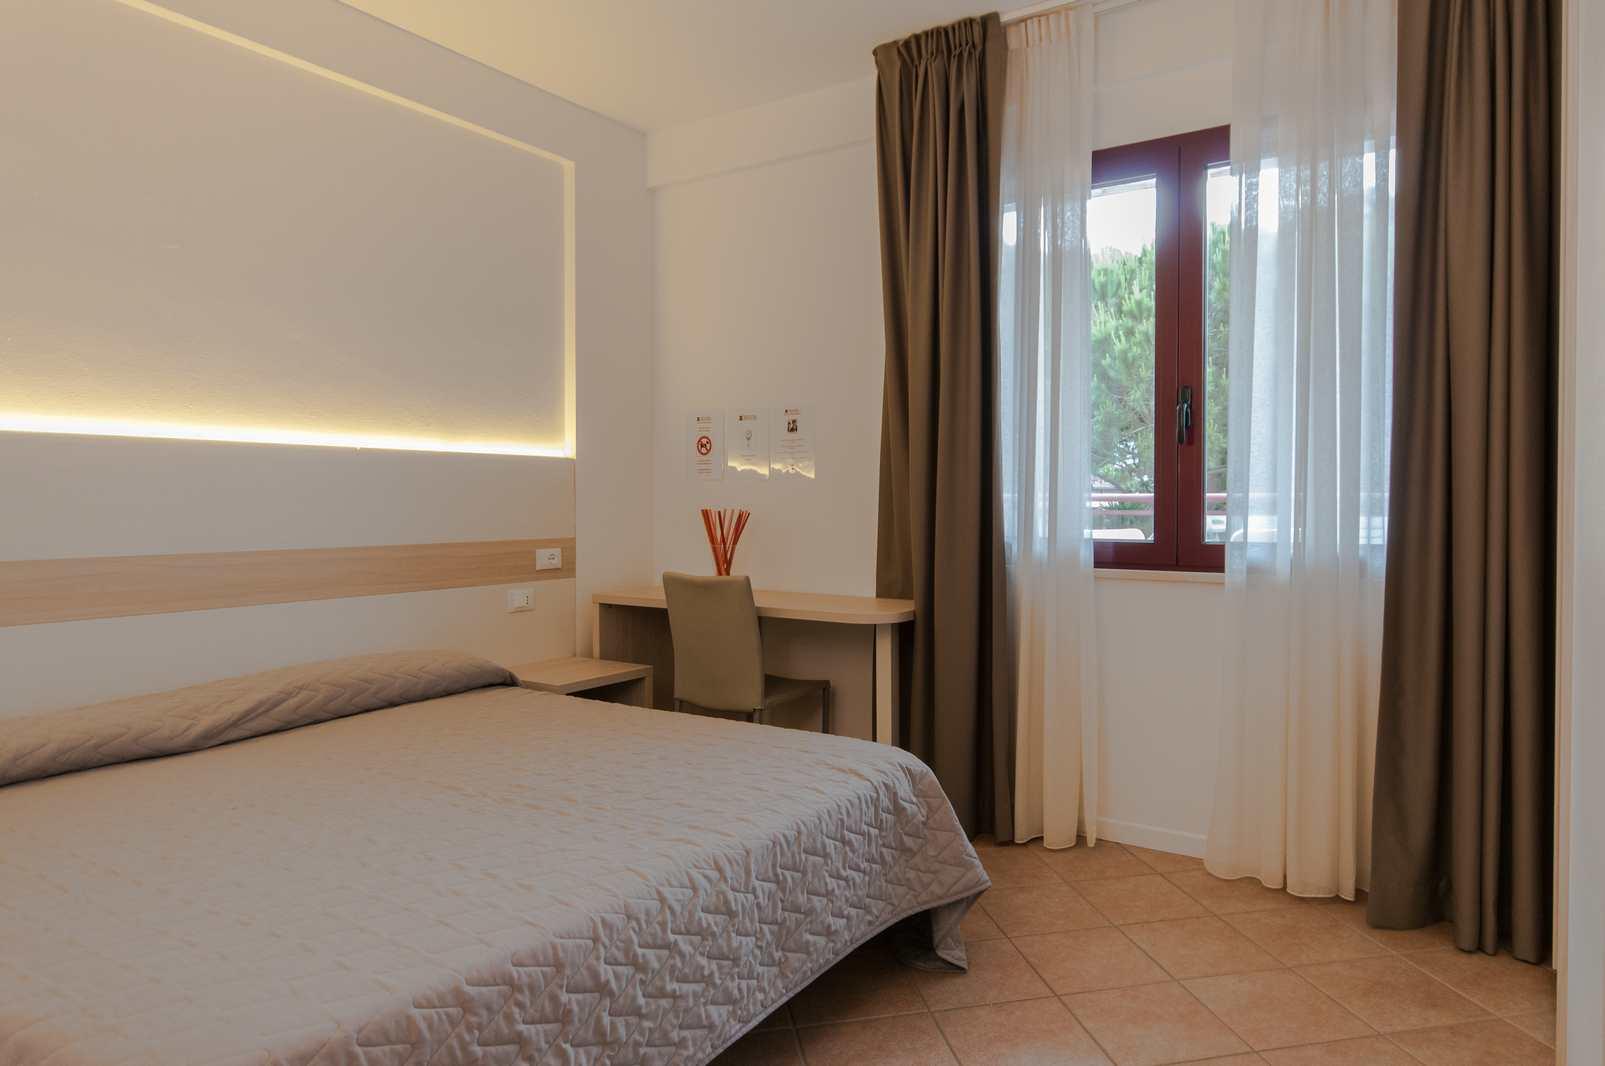 Foto Camera da Letto - Residence Vacanze Milano Marittima - Appartamento Vacanze - Trilocale 205